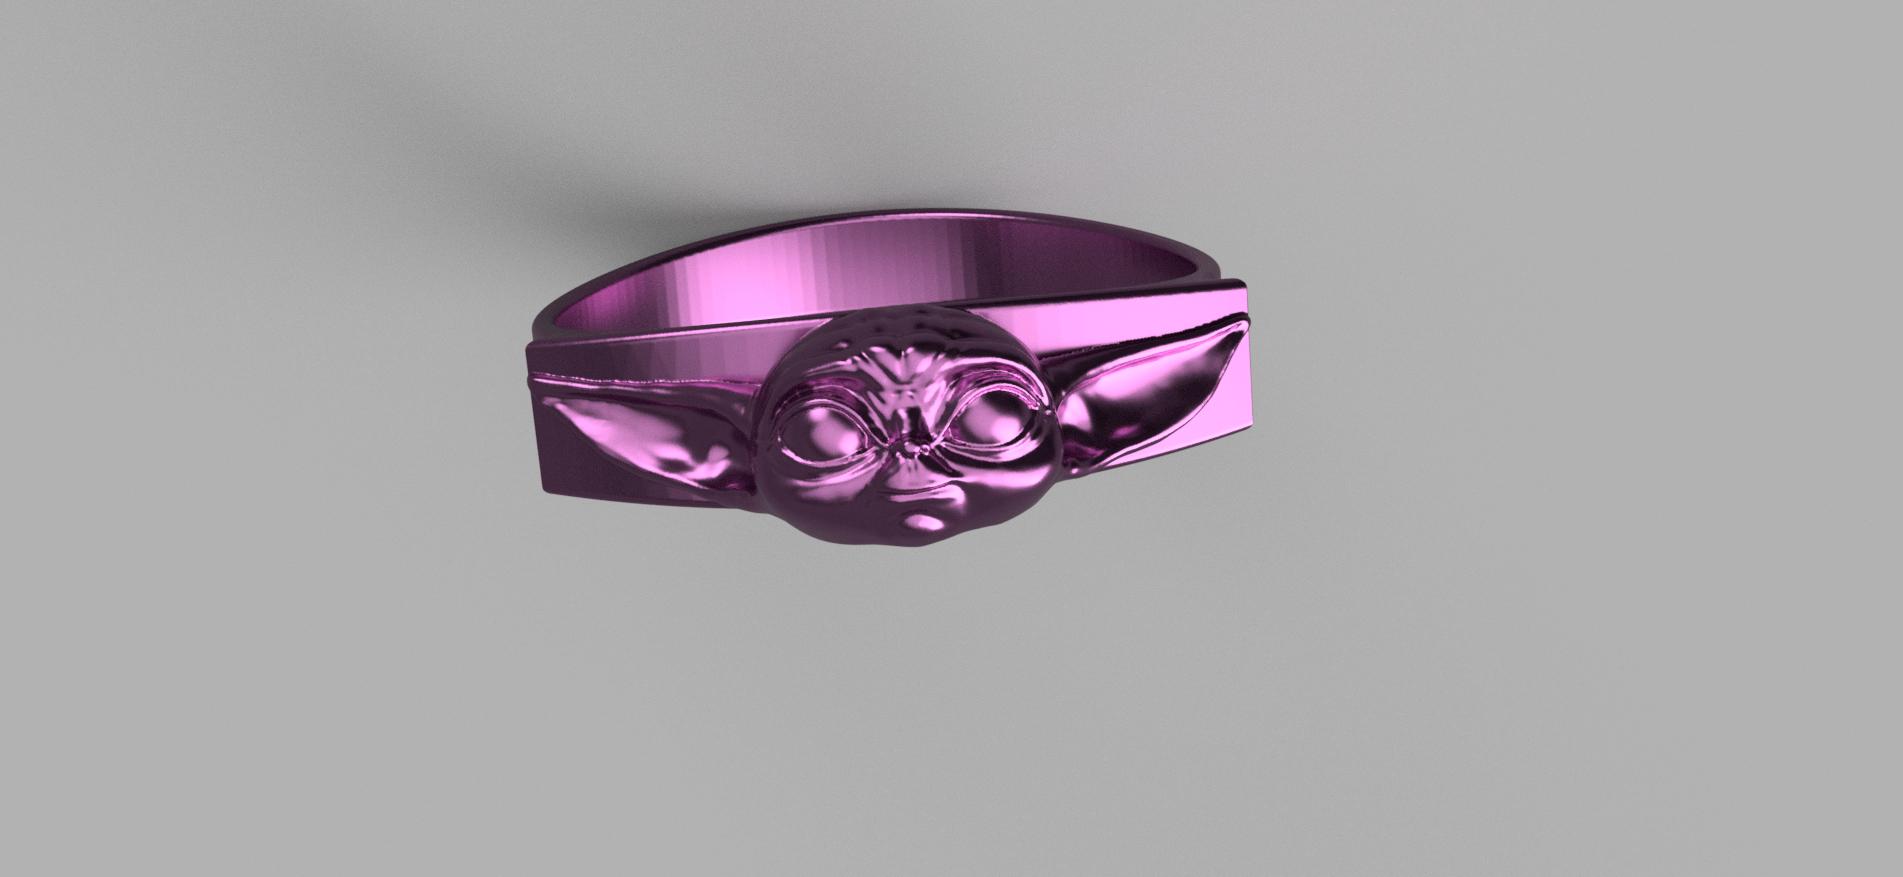 Baby_Yoda_Ring_17mm_Cut(FINAL)6.png Télécharger fichier STL gratuit Bébé Yoda Ring • Plan pour imprimante 3D, quaddalone